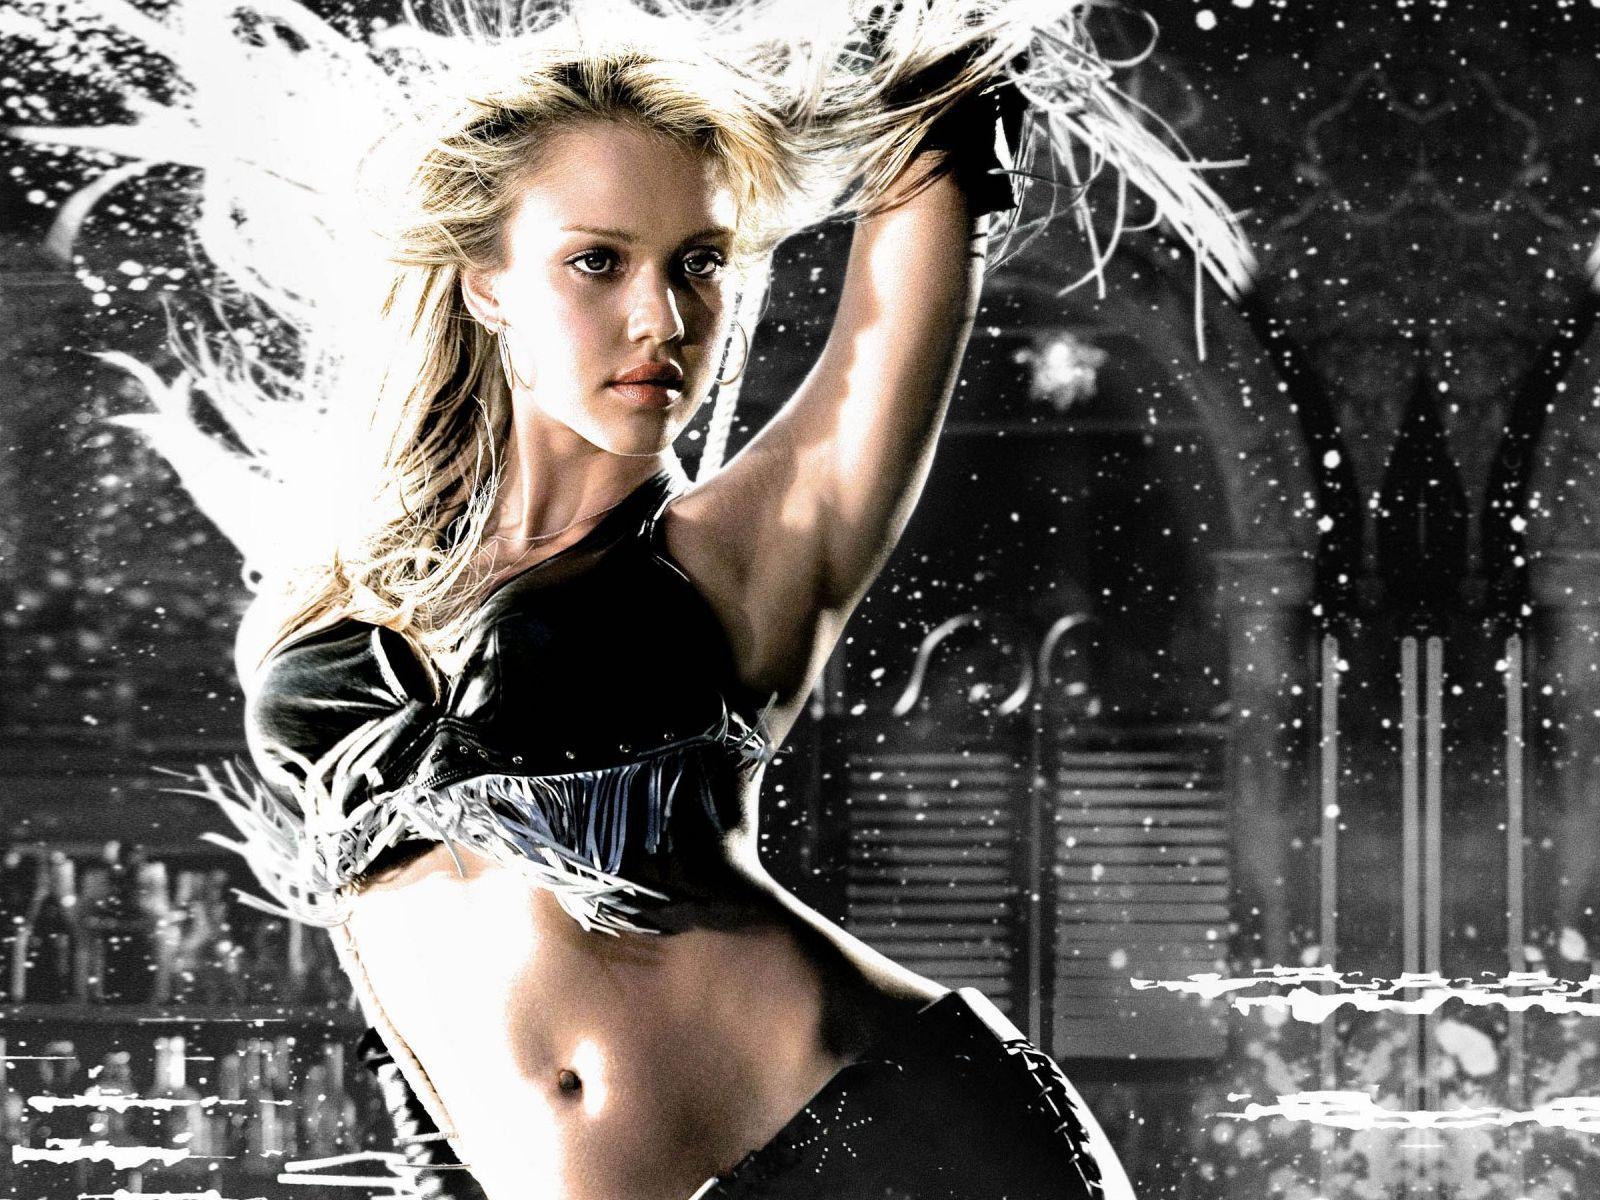 http://4.bp.blogspot.com/-xGKGNwn-aXs/Tc4XW9pWzwI/AAAAAAAAD1M/RPGUtVpW9lY/s1600/jessica-alba-sexy-wallpapers-hd-05.jpg